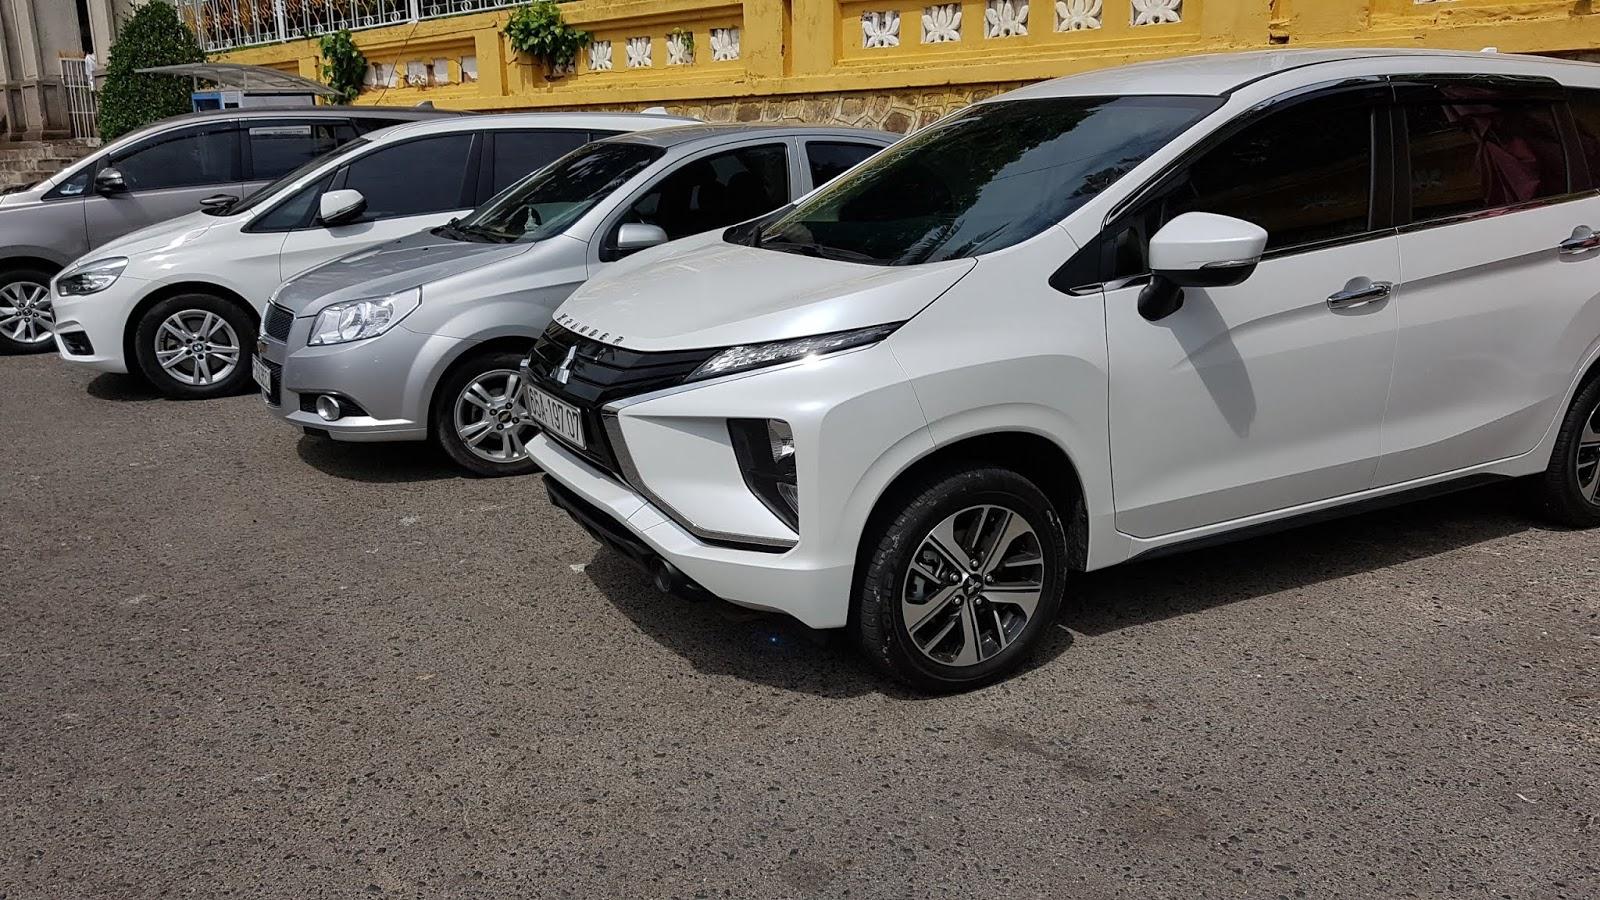 Cho thuê xe 7 chỗ có tài xế TP Hồ Chí Minh giá rẻ